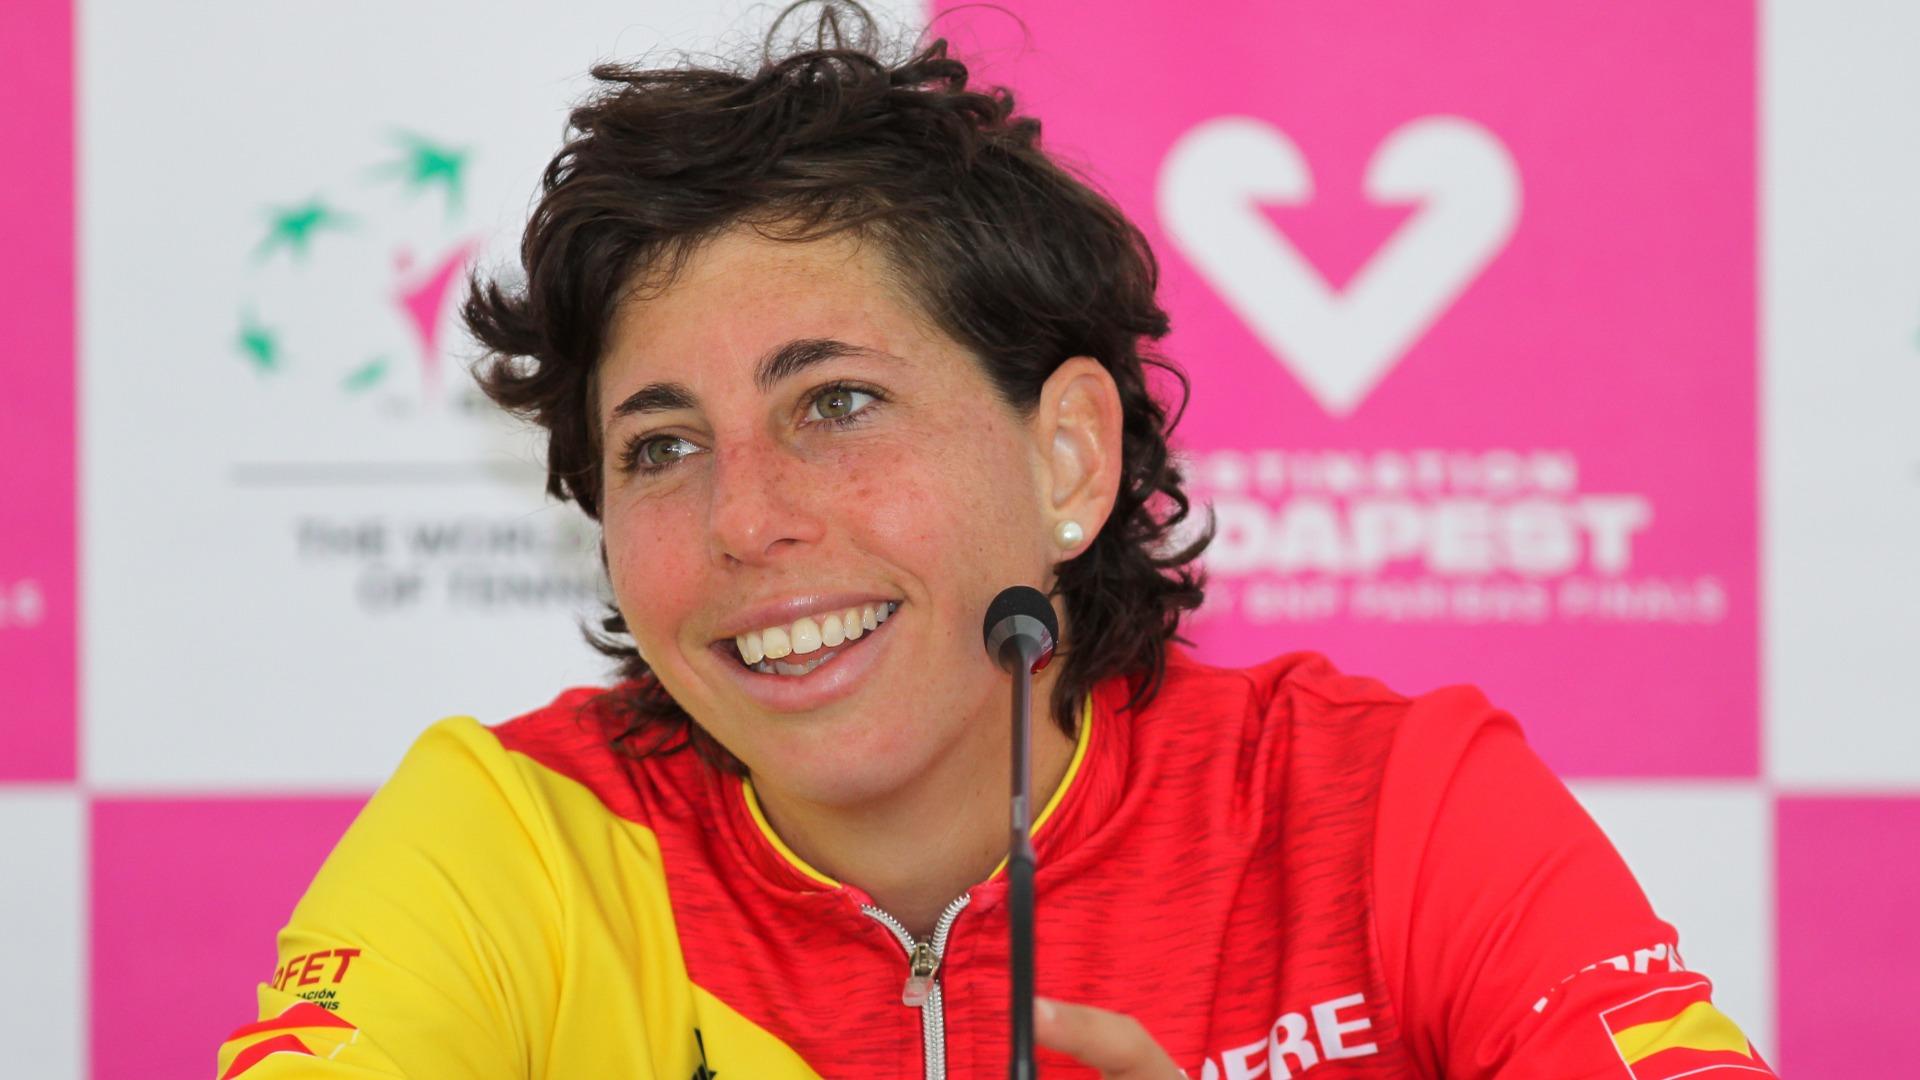 Suarez Navarro overcomes Hodgkin lymphoma, ready for WTA comeback